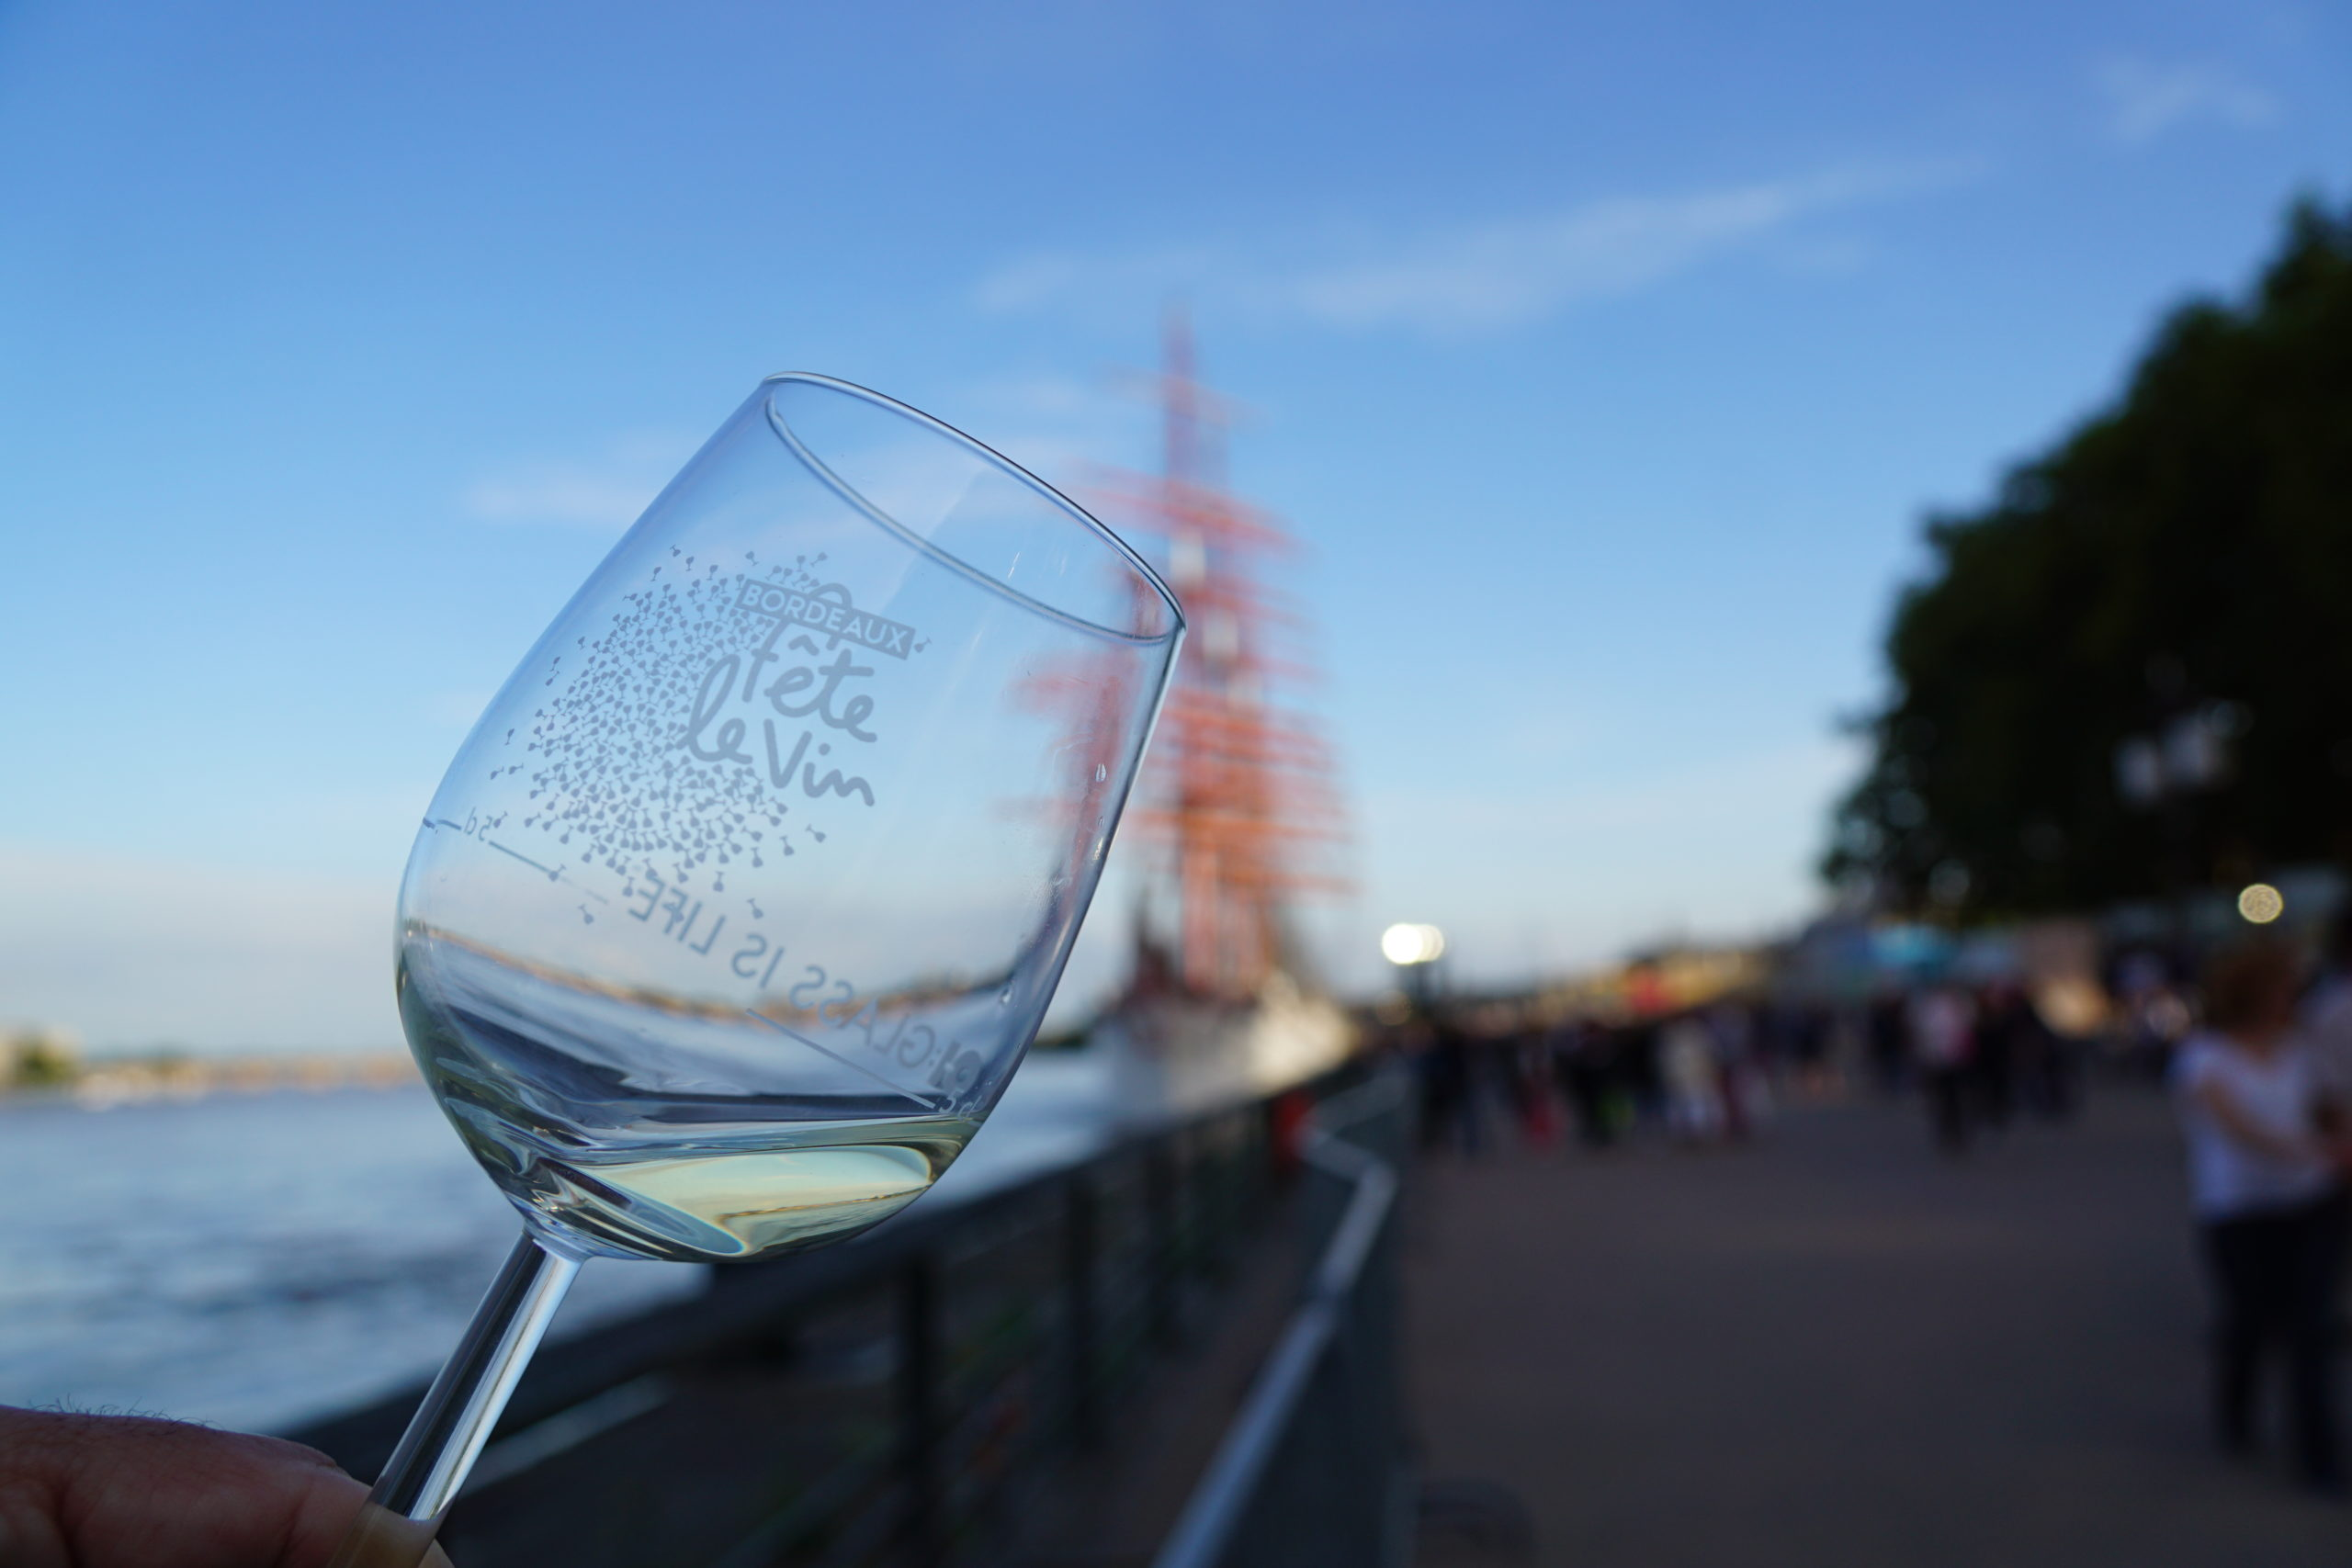 Bordeaux fête le vin aura lieu du 17 au 20 juin